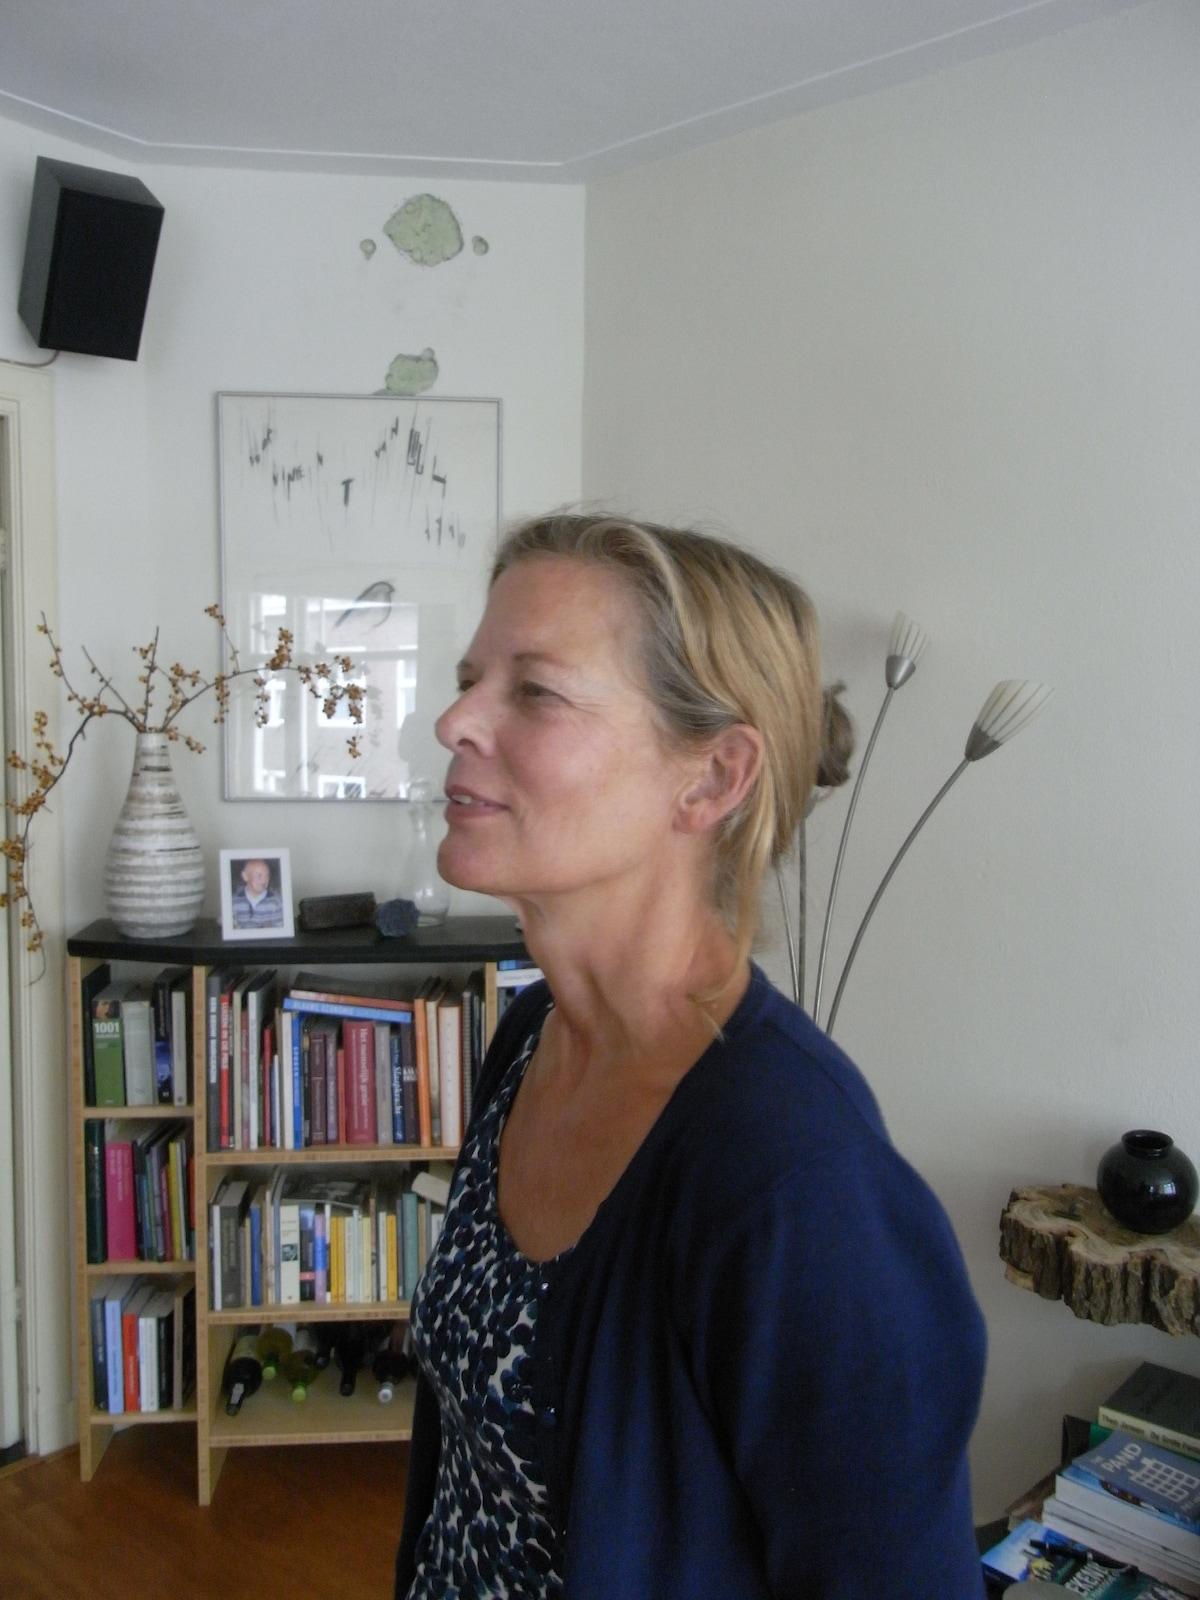 Ineke from Amsterdam